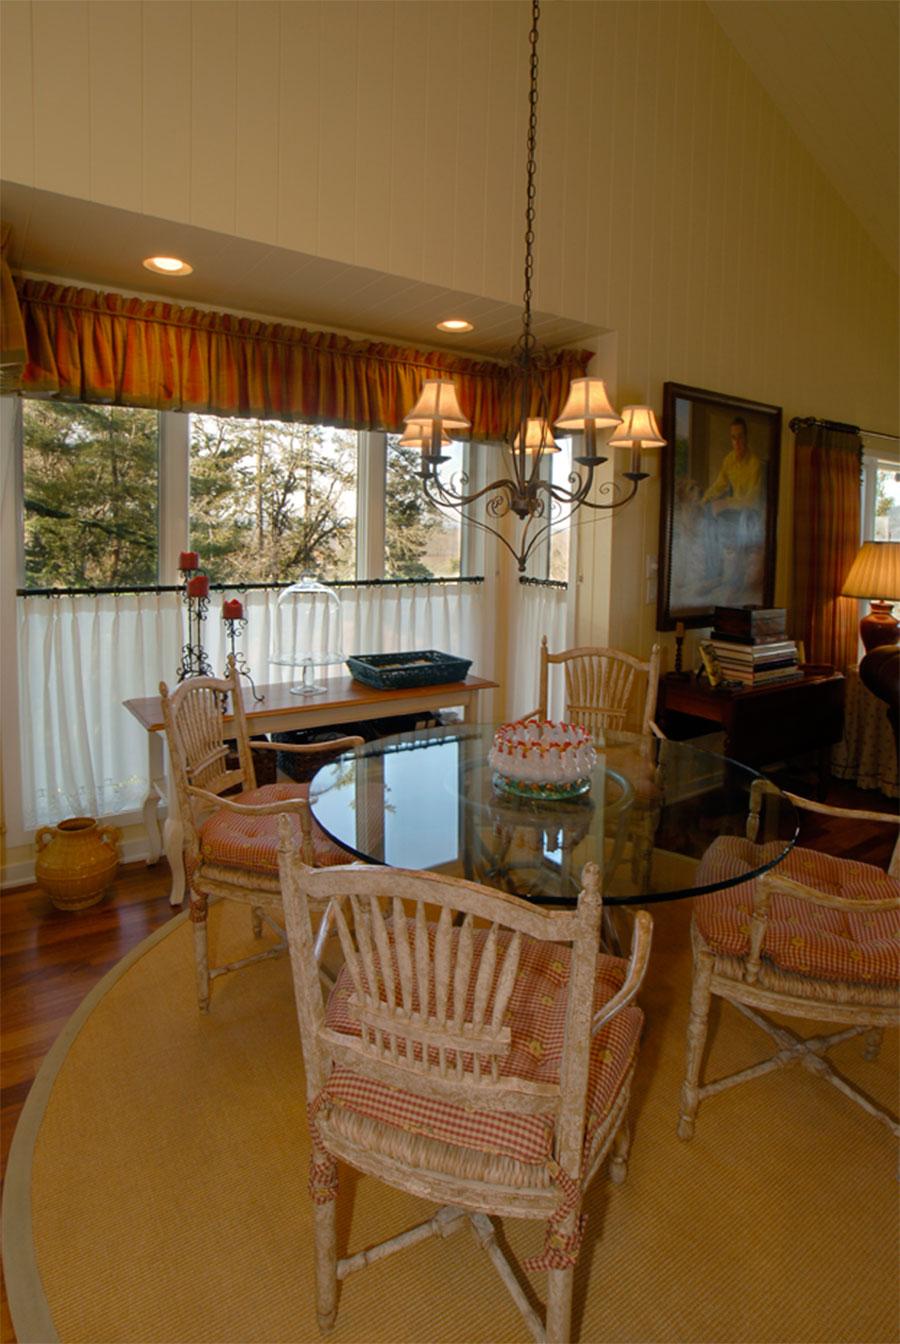 kaufman-homes-remodel-cherokee-9